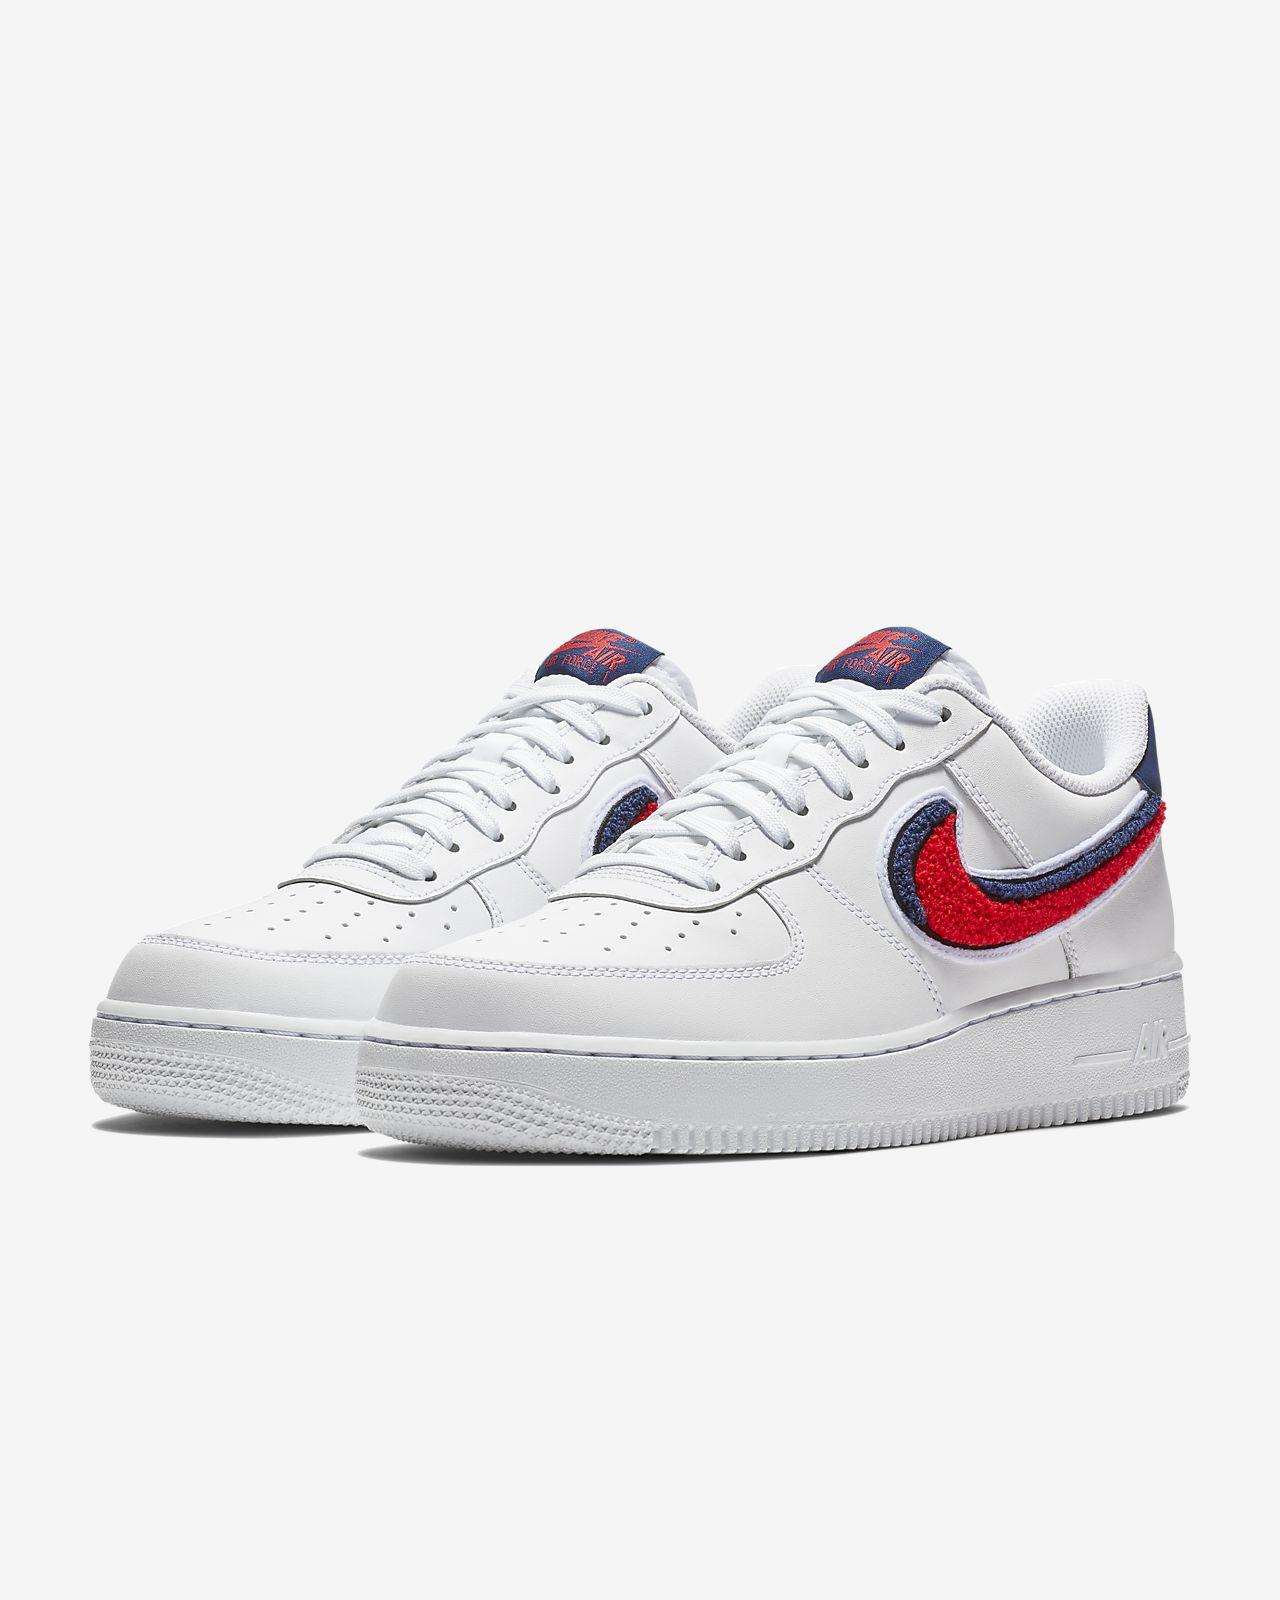 size 40 4d6e4 1a5e5 nike air force 1 07 lv8 mens shoe